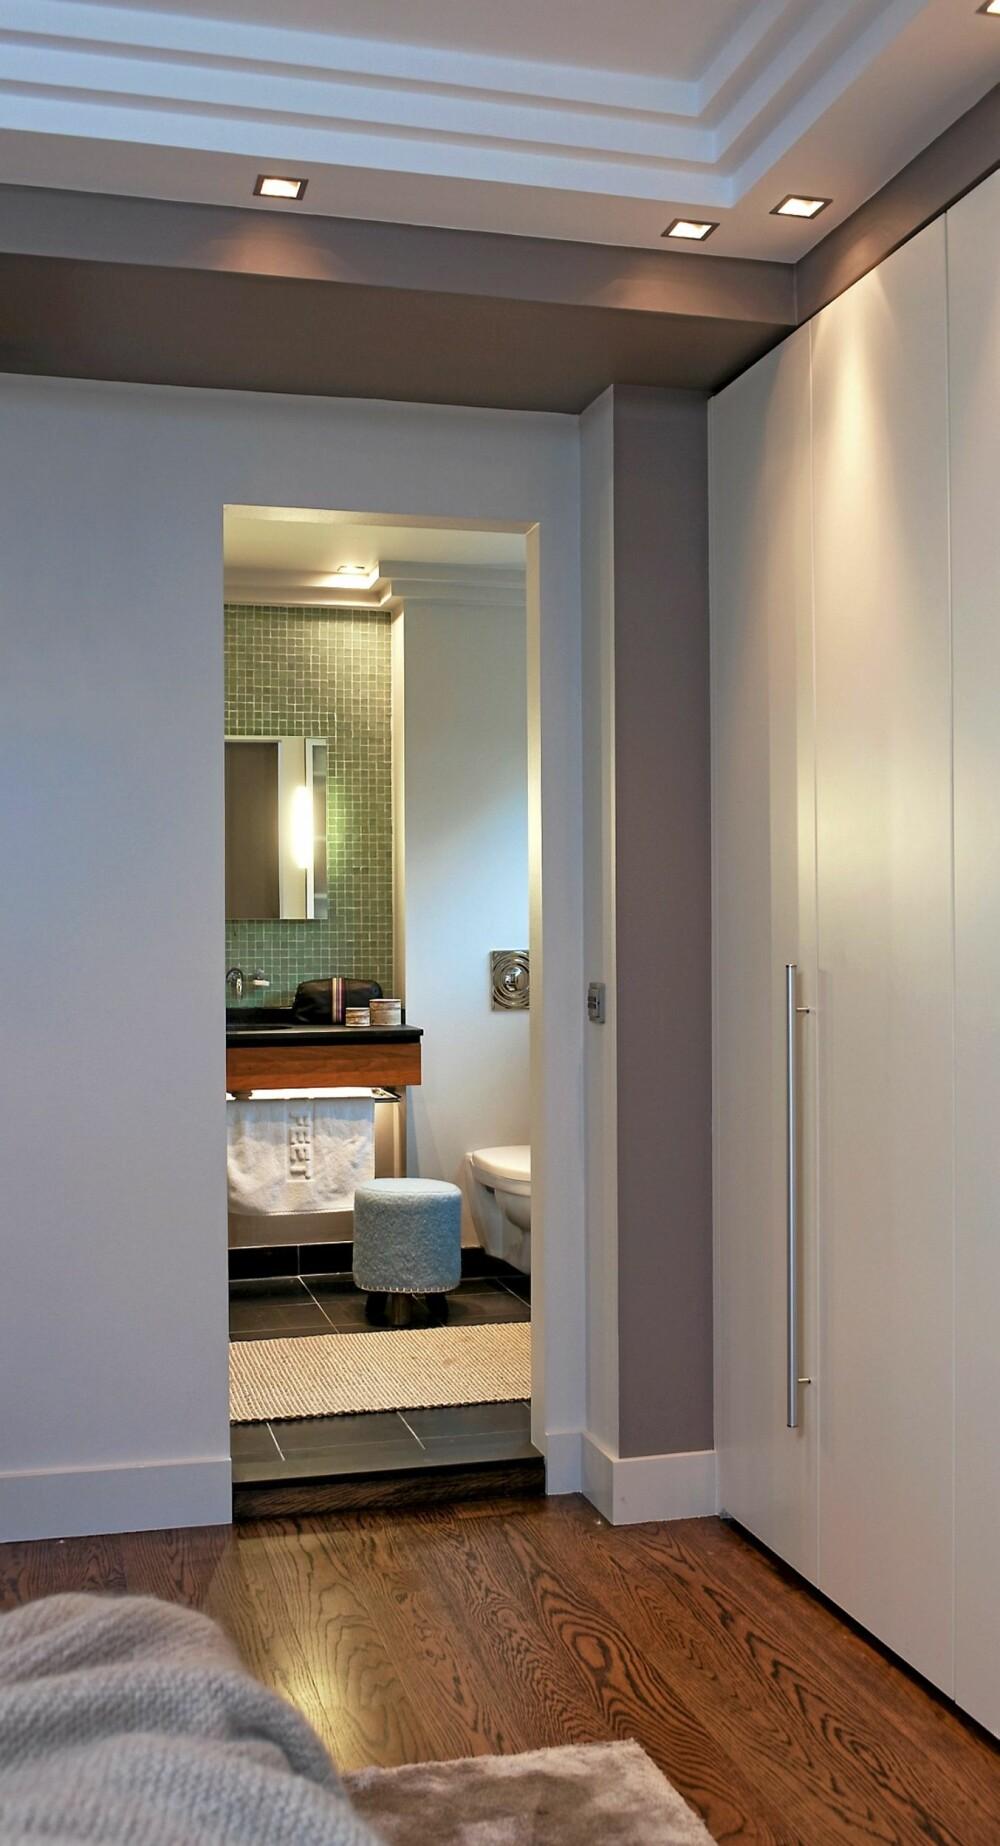 UTEN EN DØR. Soverommet er tilknyttet eget bad, og døren mellom rommene er fjernet. Det slipper inn lys samtidig som det også sparer plass. I og med at man kan se skrått inn til toalettet fra det ene soveromsvinduet, er det bryter til de elektriske liftgardinene på badet slik at man kan bli skjermet for innsyn. Nedtrappingene i taket med downlight er et dekorativ element. Garderobeskapene fra gulv til tak har fått kontrastfarge rundt, det samme har nedfellingen på himlingen.